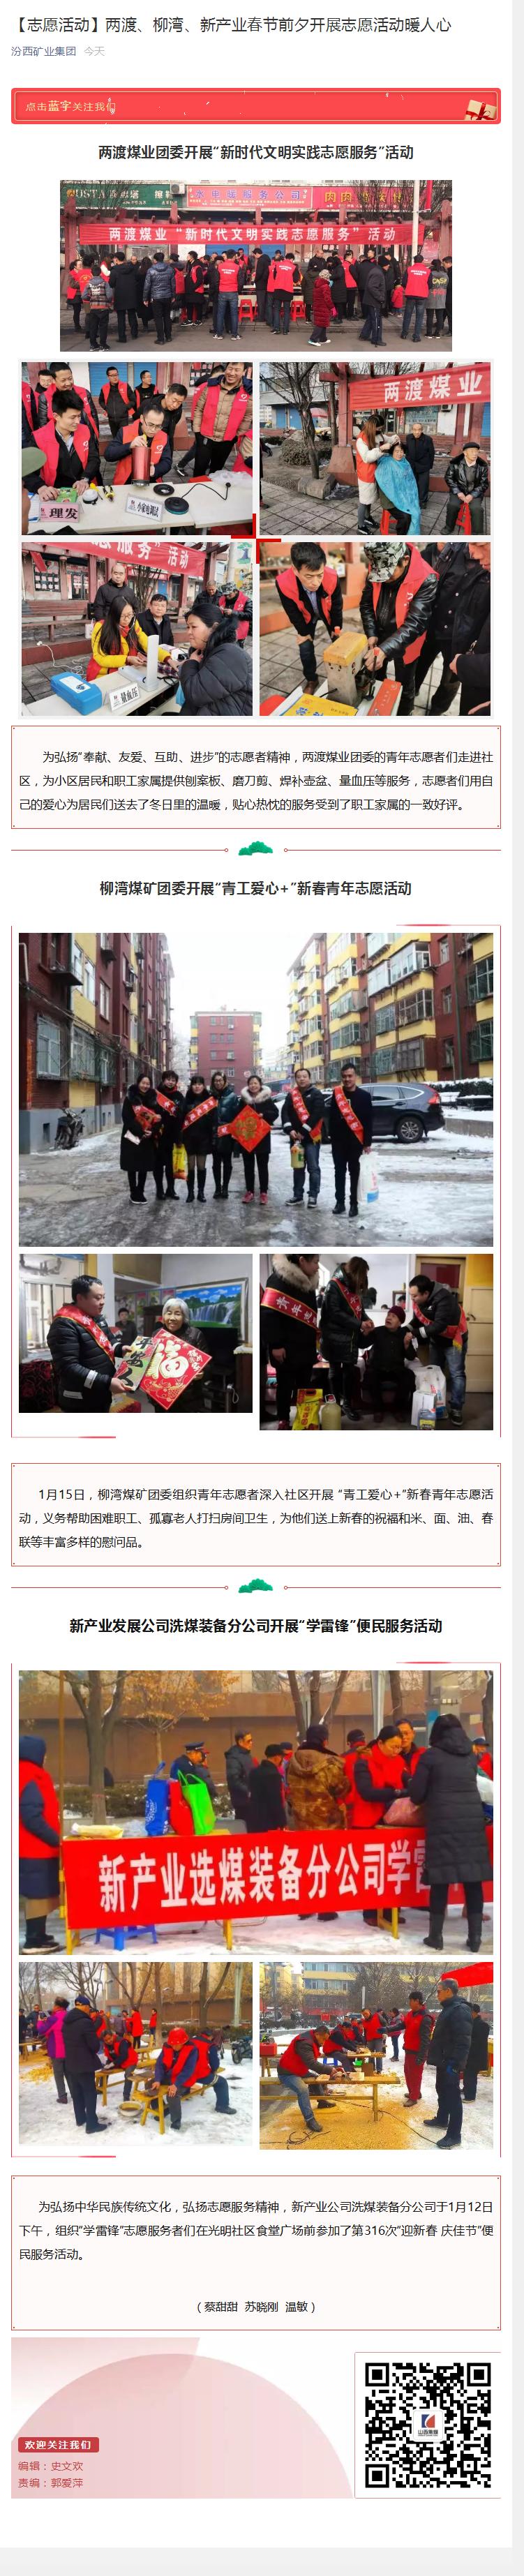 【志愿活动】两渡、柳湾、新产业春节前夕开展志愿活动暖人心.png